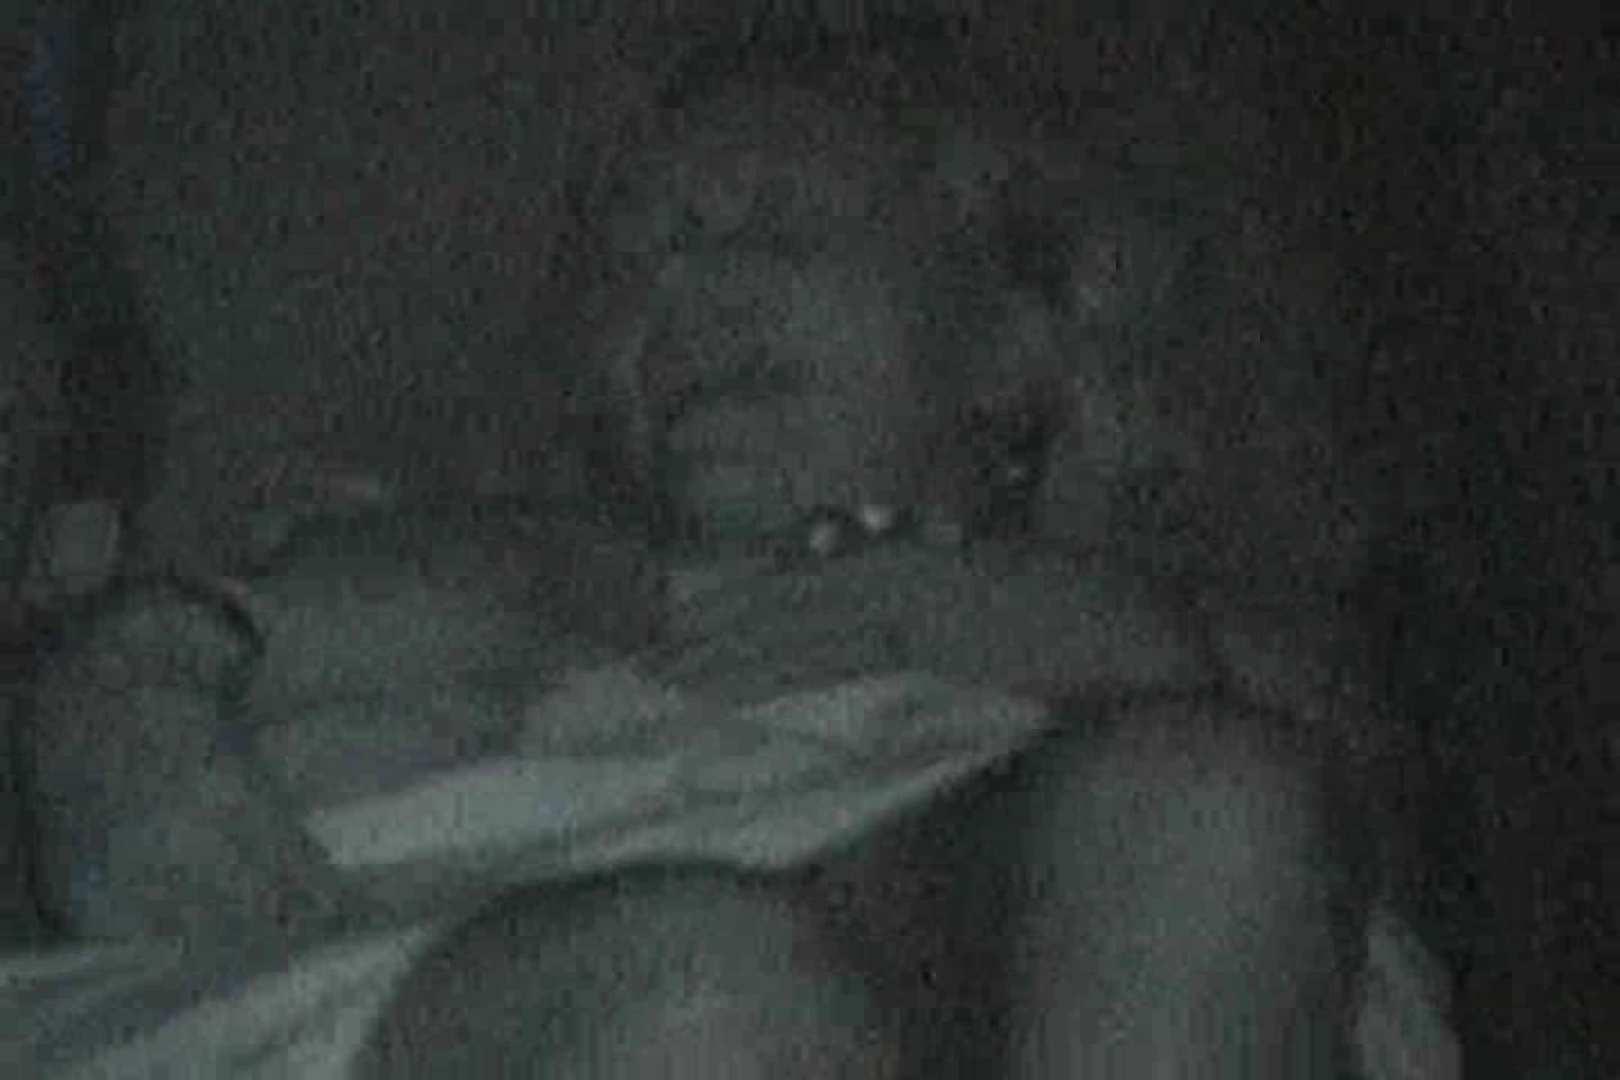 充血監督の深夜の運動会Vol.7 OLセックス 盗撮AV動画キャプチャ 98画像 83